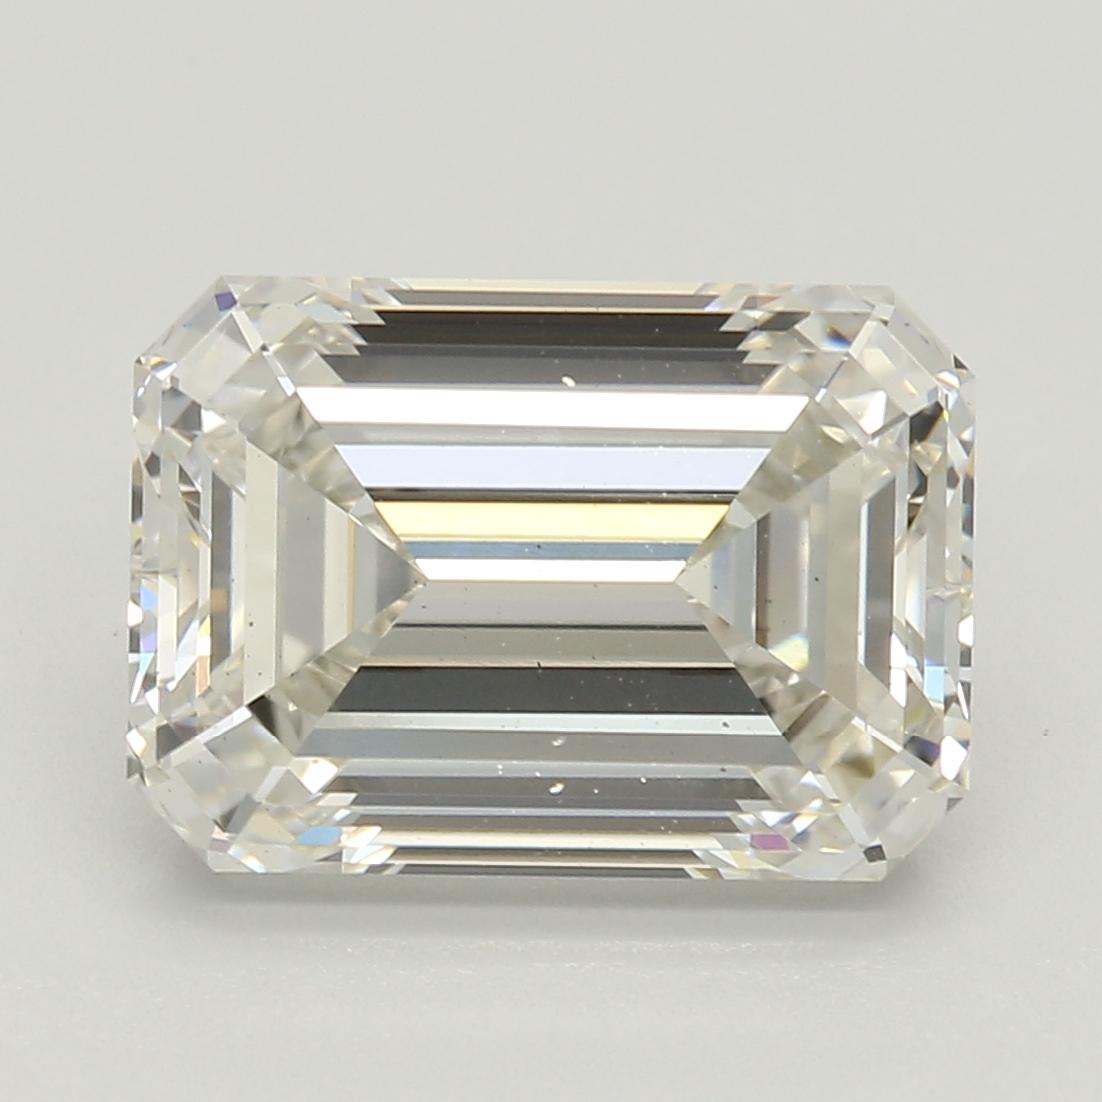 Emerald Cut 3.01 Carat I Color Vs2 Clarity Sku Lg96232995